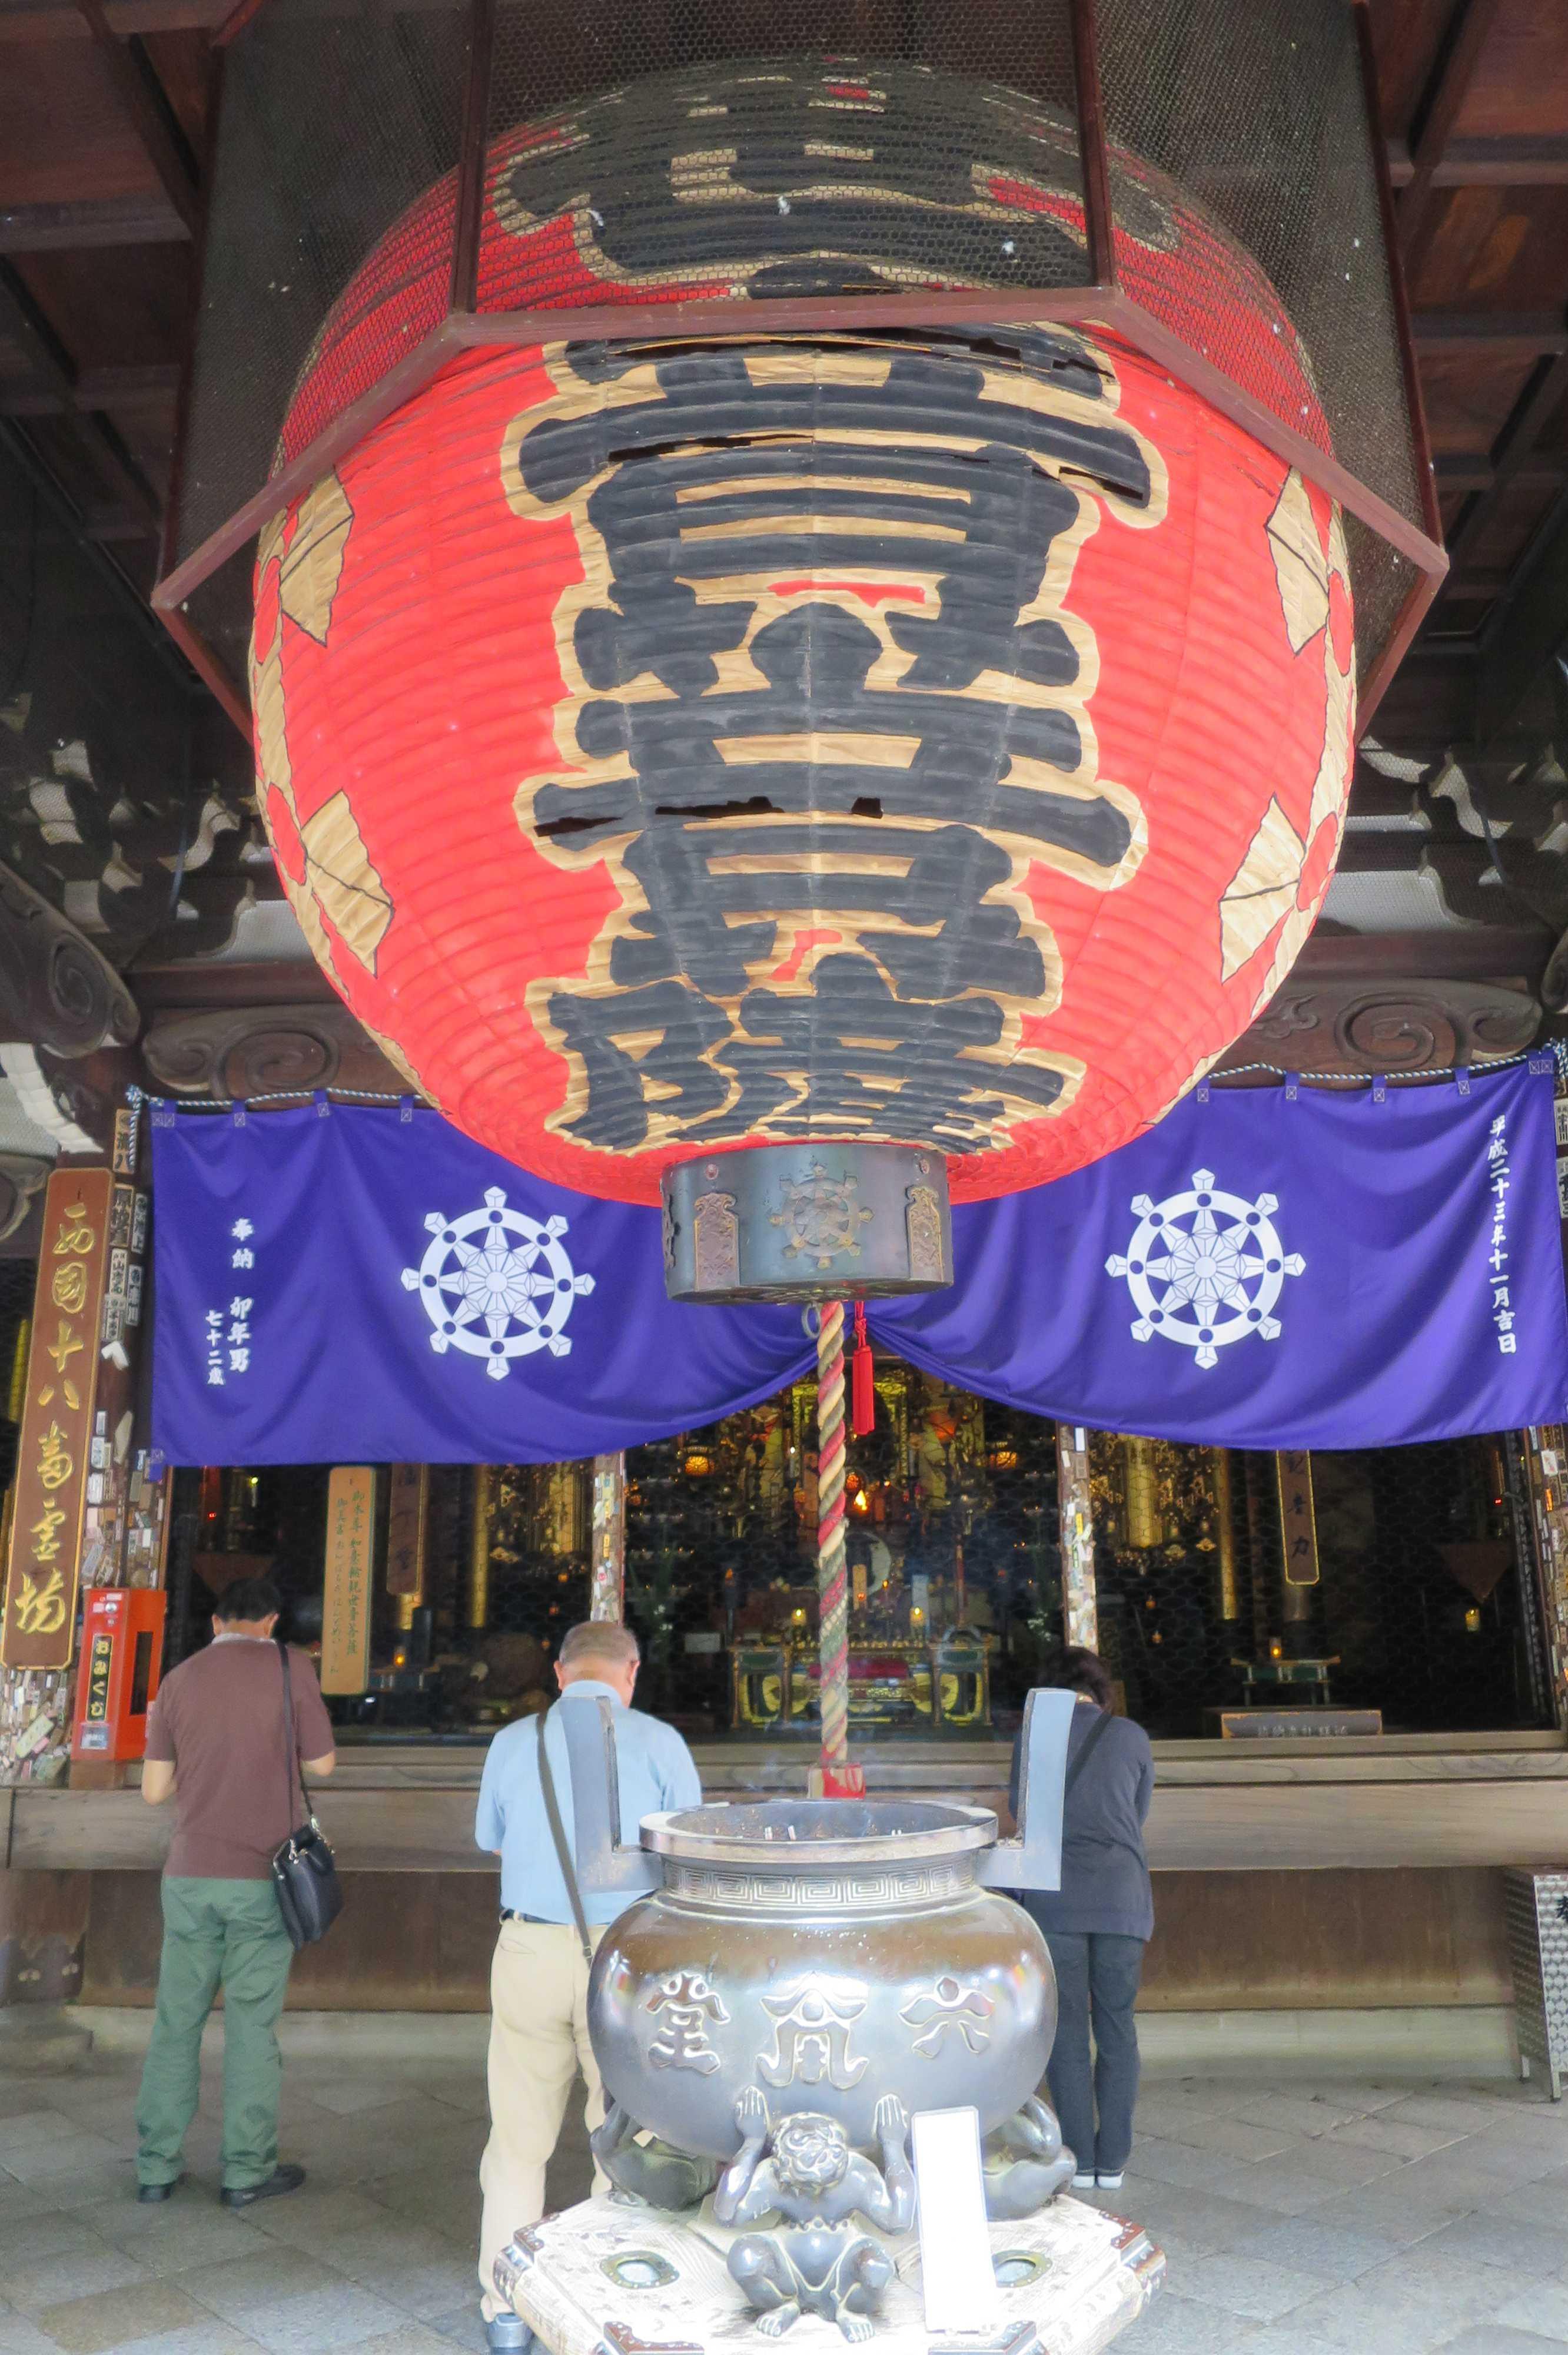 京都・六角堂の観世音菩薩と書かれた大きな赤いちょうちん